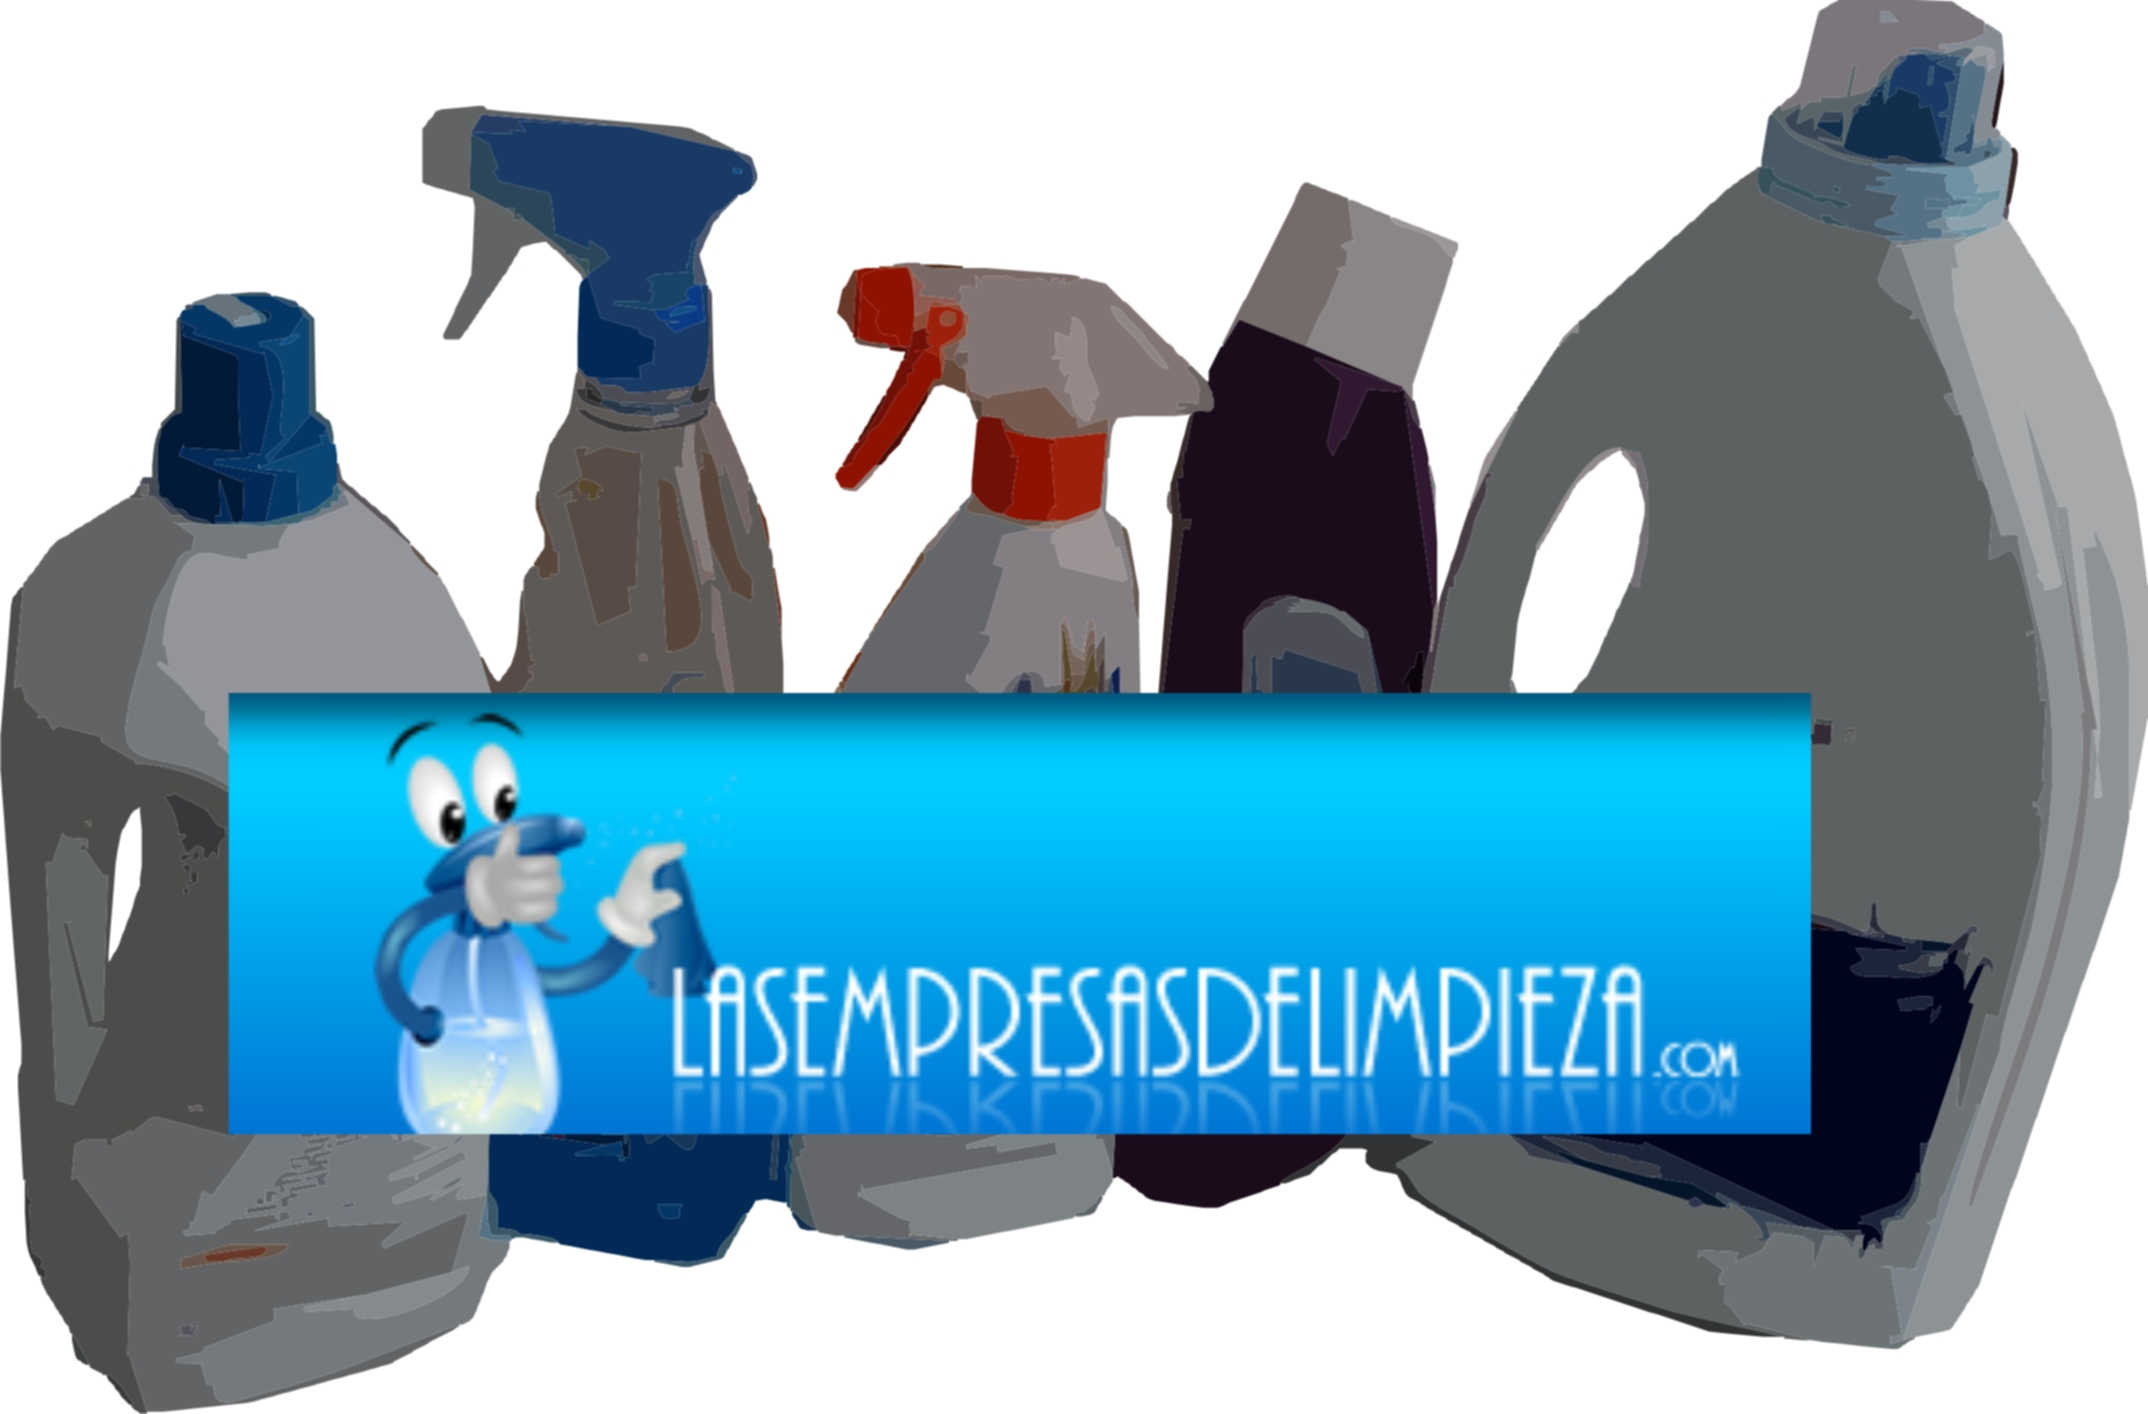 Buscar empresa limpieza actualidad y entretenimiento - Empresas de limpieza en mallorca ...